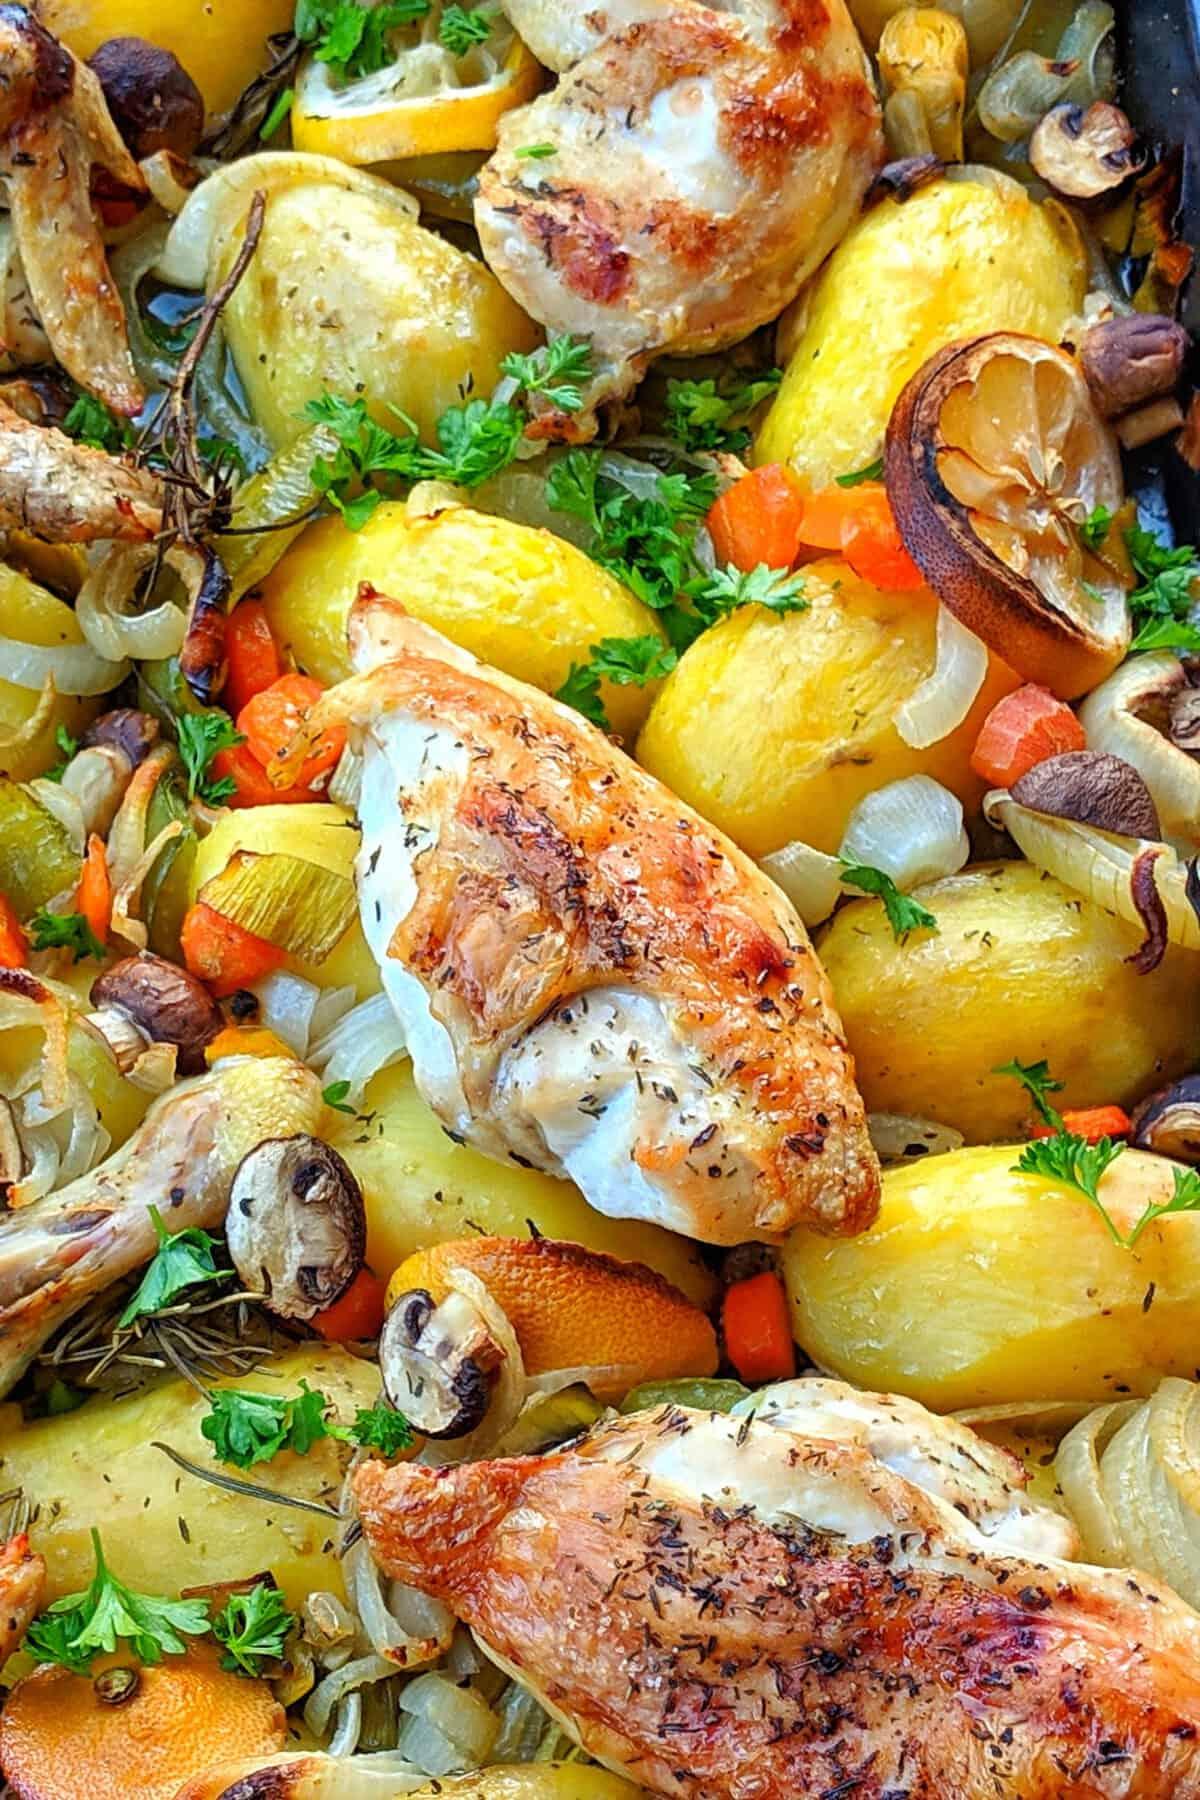 Eine Nahaufnahme der Zutaten von den Hähnchen, Kartoffeln und Gemüse aus dem Backofen.